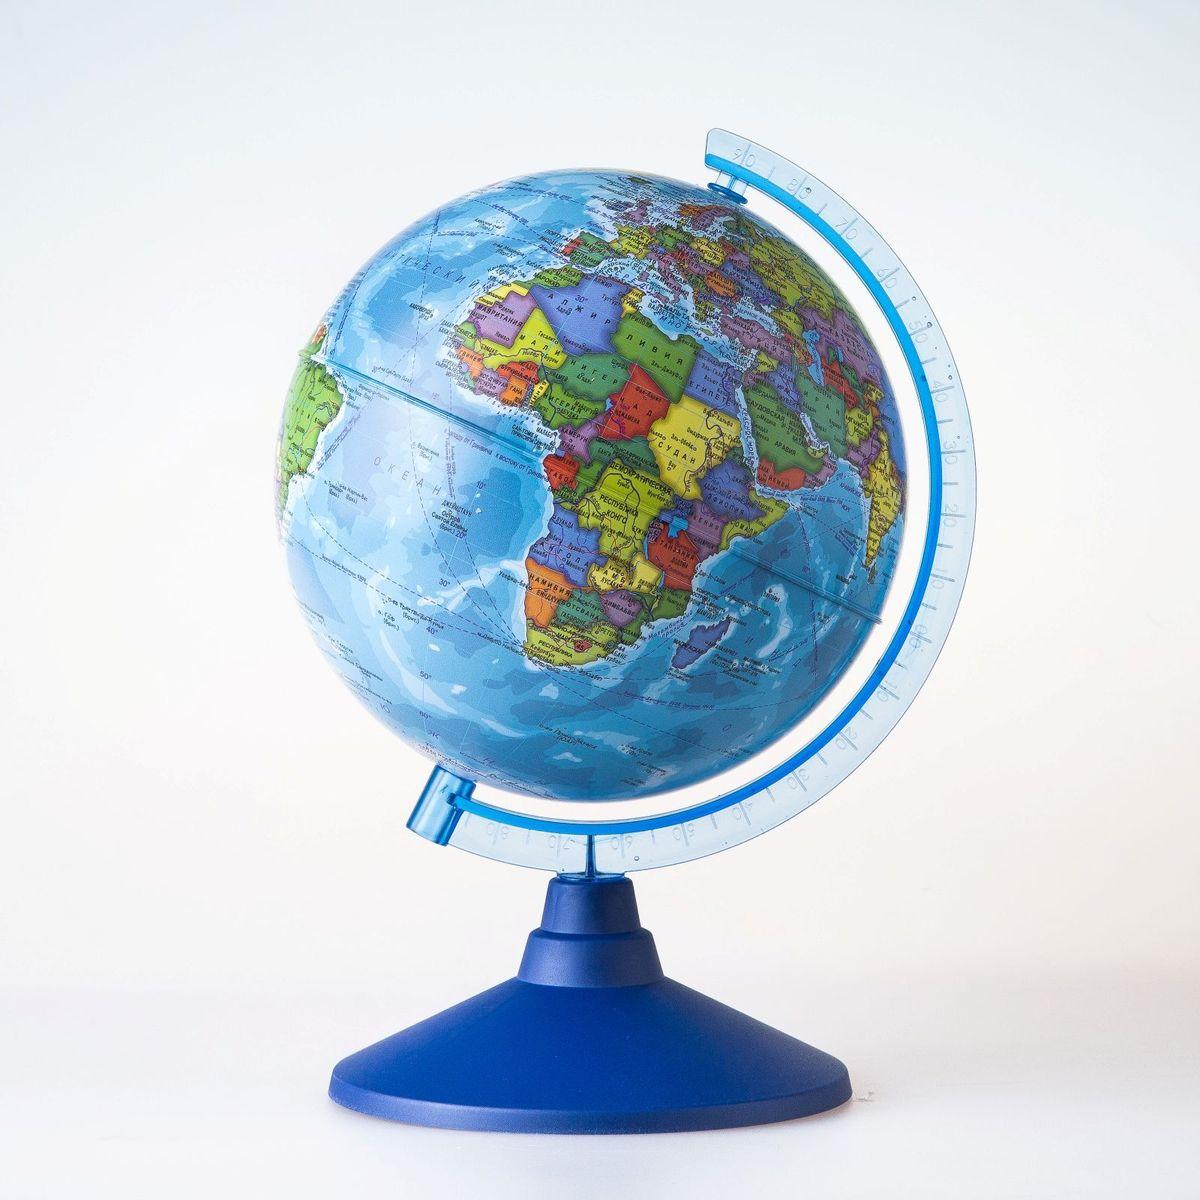 Глобен Глобус политический Классик Евро диаметр 15 см1072898Глобус для всех, глобус каждому!Глобус - самый простой способ привить ребенку любовь к географии. Он является отличным наглядным примером, который способен в игровой доступной и понятной форме объяснить понятия о планете Земля.Также интерес к глобусам проявляют не только детки, но и взрослые. Для многих уменьшенная копия планеты заменяет атлас мира из-за своей доступности и универсальности.Глобус политический Классик Евро - это уменьшенная копия земного шара, в которой каждый найдет для себя что-то свое.Путешественники и заядлые туристы смогут отмечать с помощью стикеров те места, в которых побывали или собираются их посетить. Деловые и успешные люди оценят такой подарок по достоинству, потому что глобус ассоциируется со статусом и властью. Преподаватели, ученые, студенты или просто неординарные личности также найдут для глобуса достойное место в своем доме.